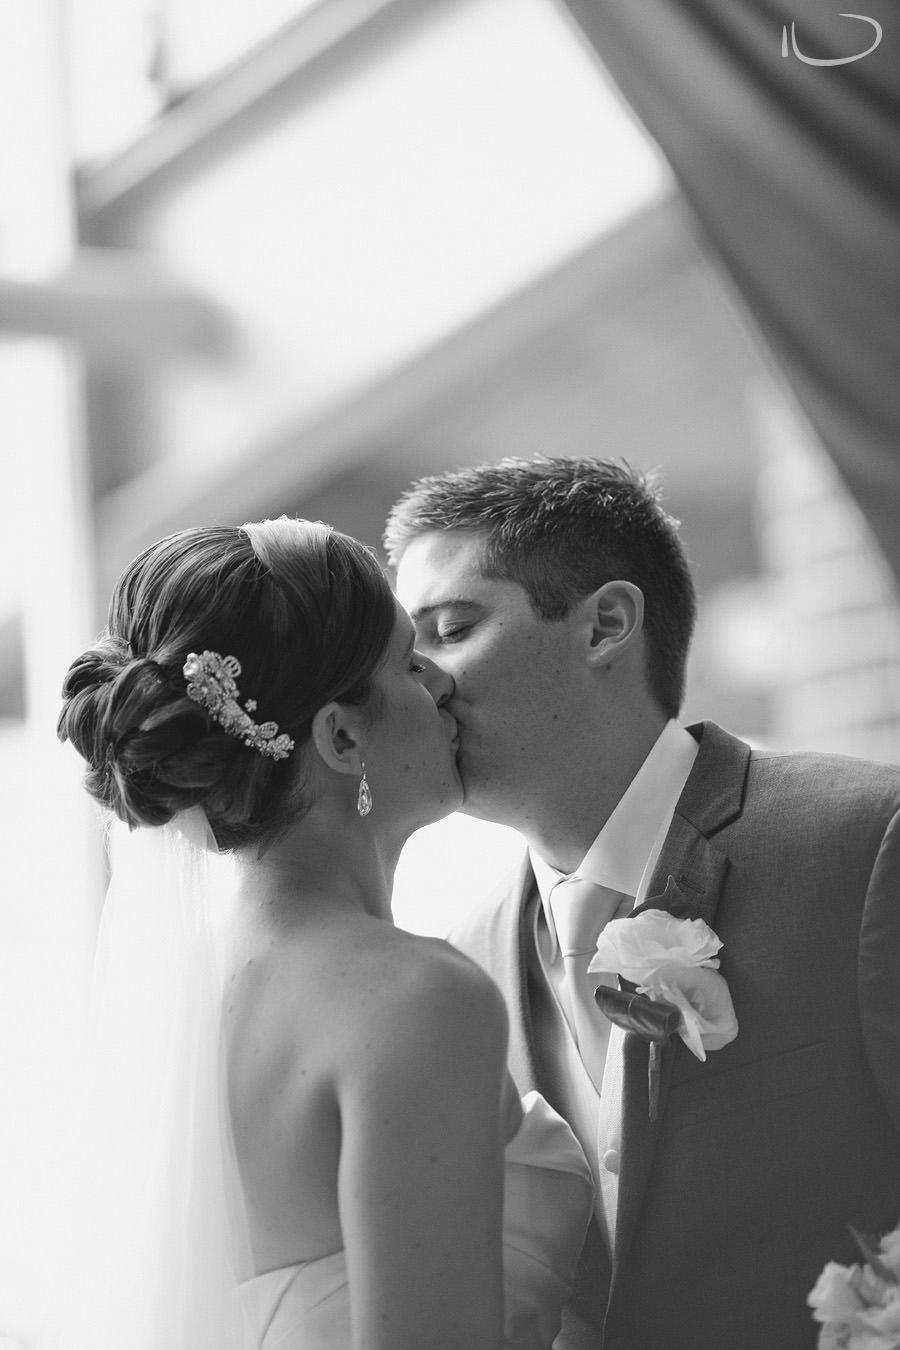 Wedding Photographer Canberra: First kiss